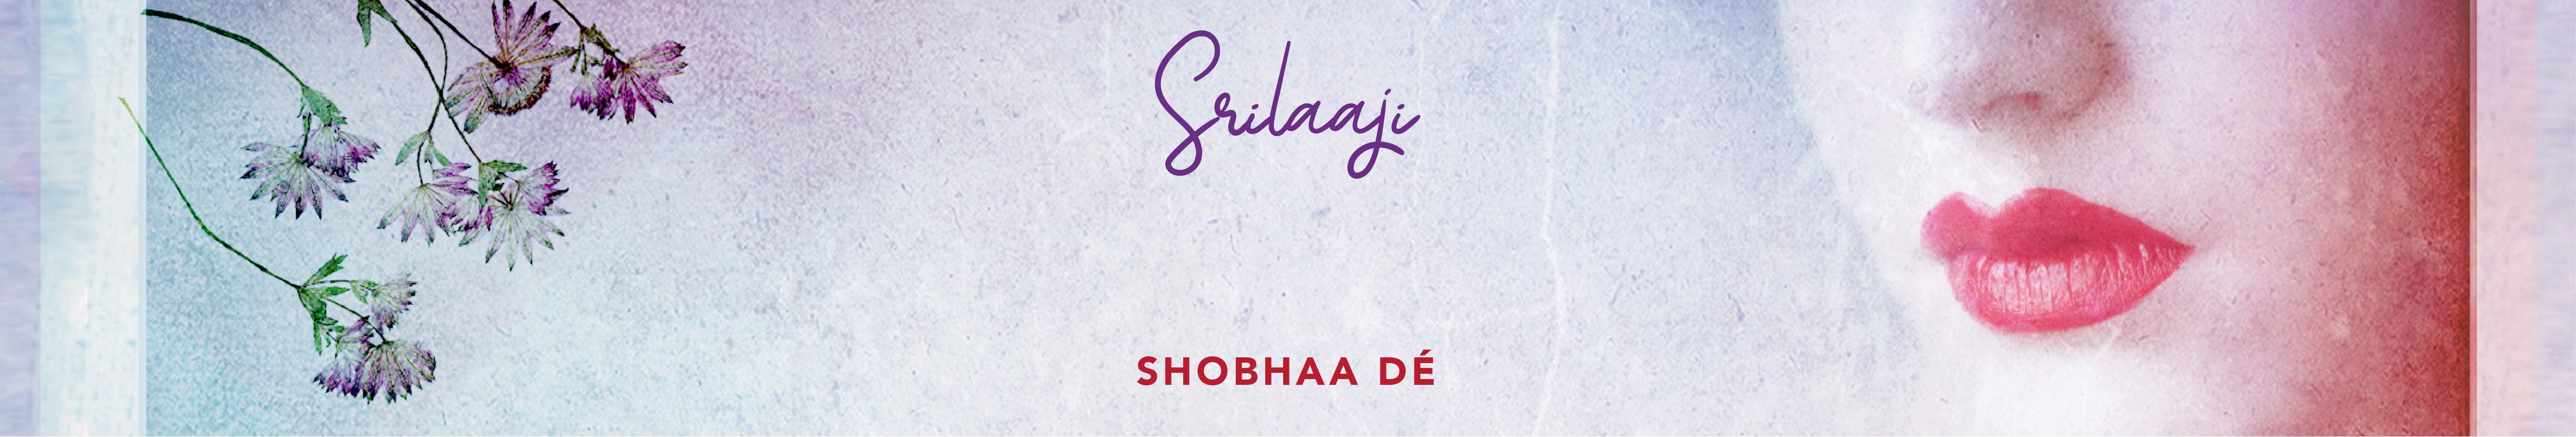 Srilaaji